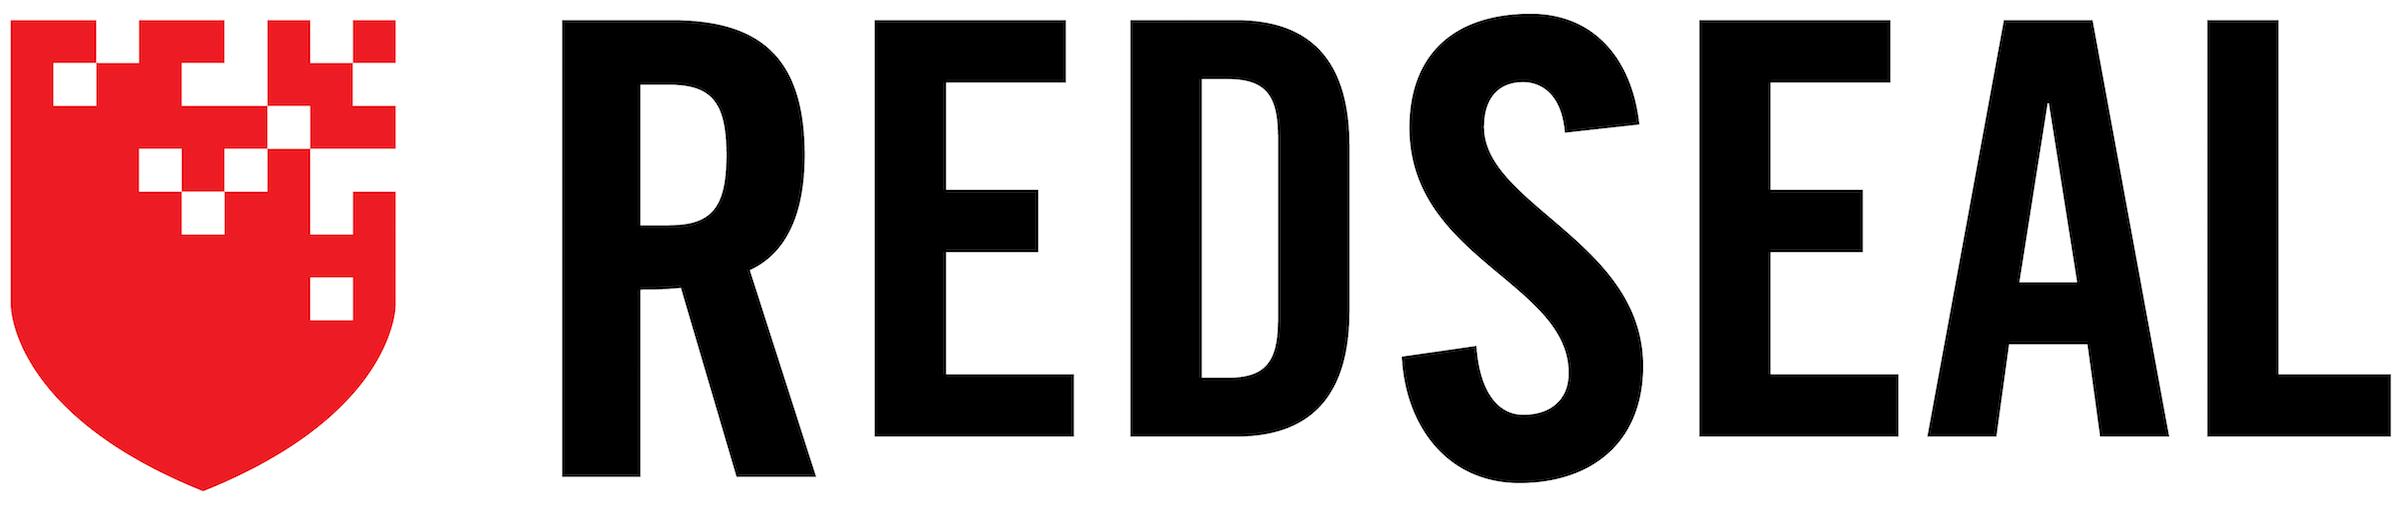 RedSeal_Logo_Hi-Res-1